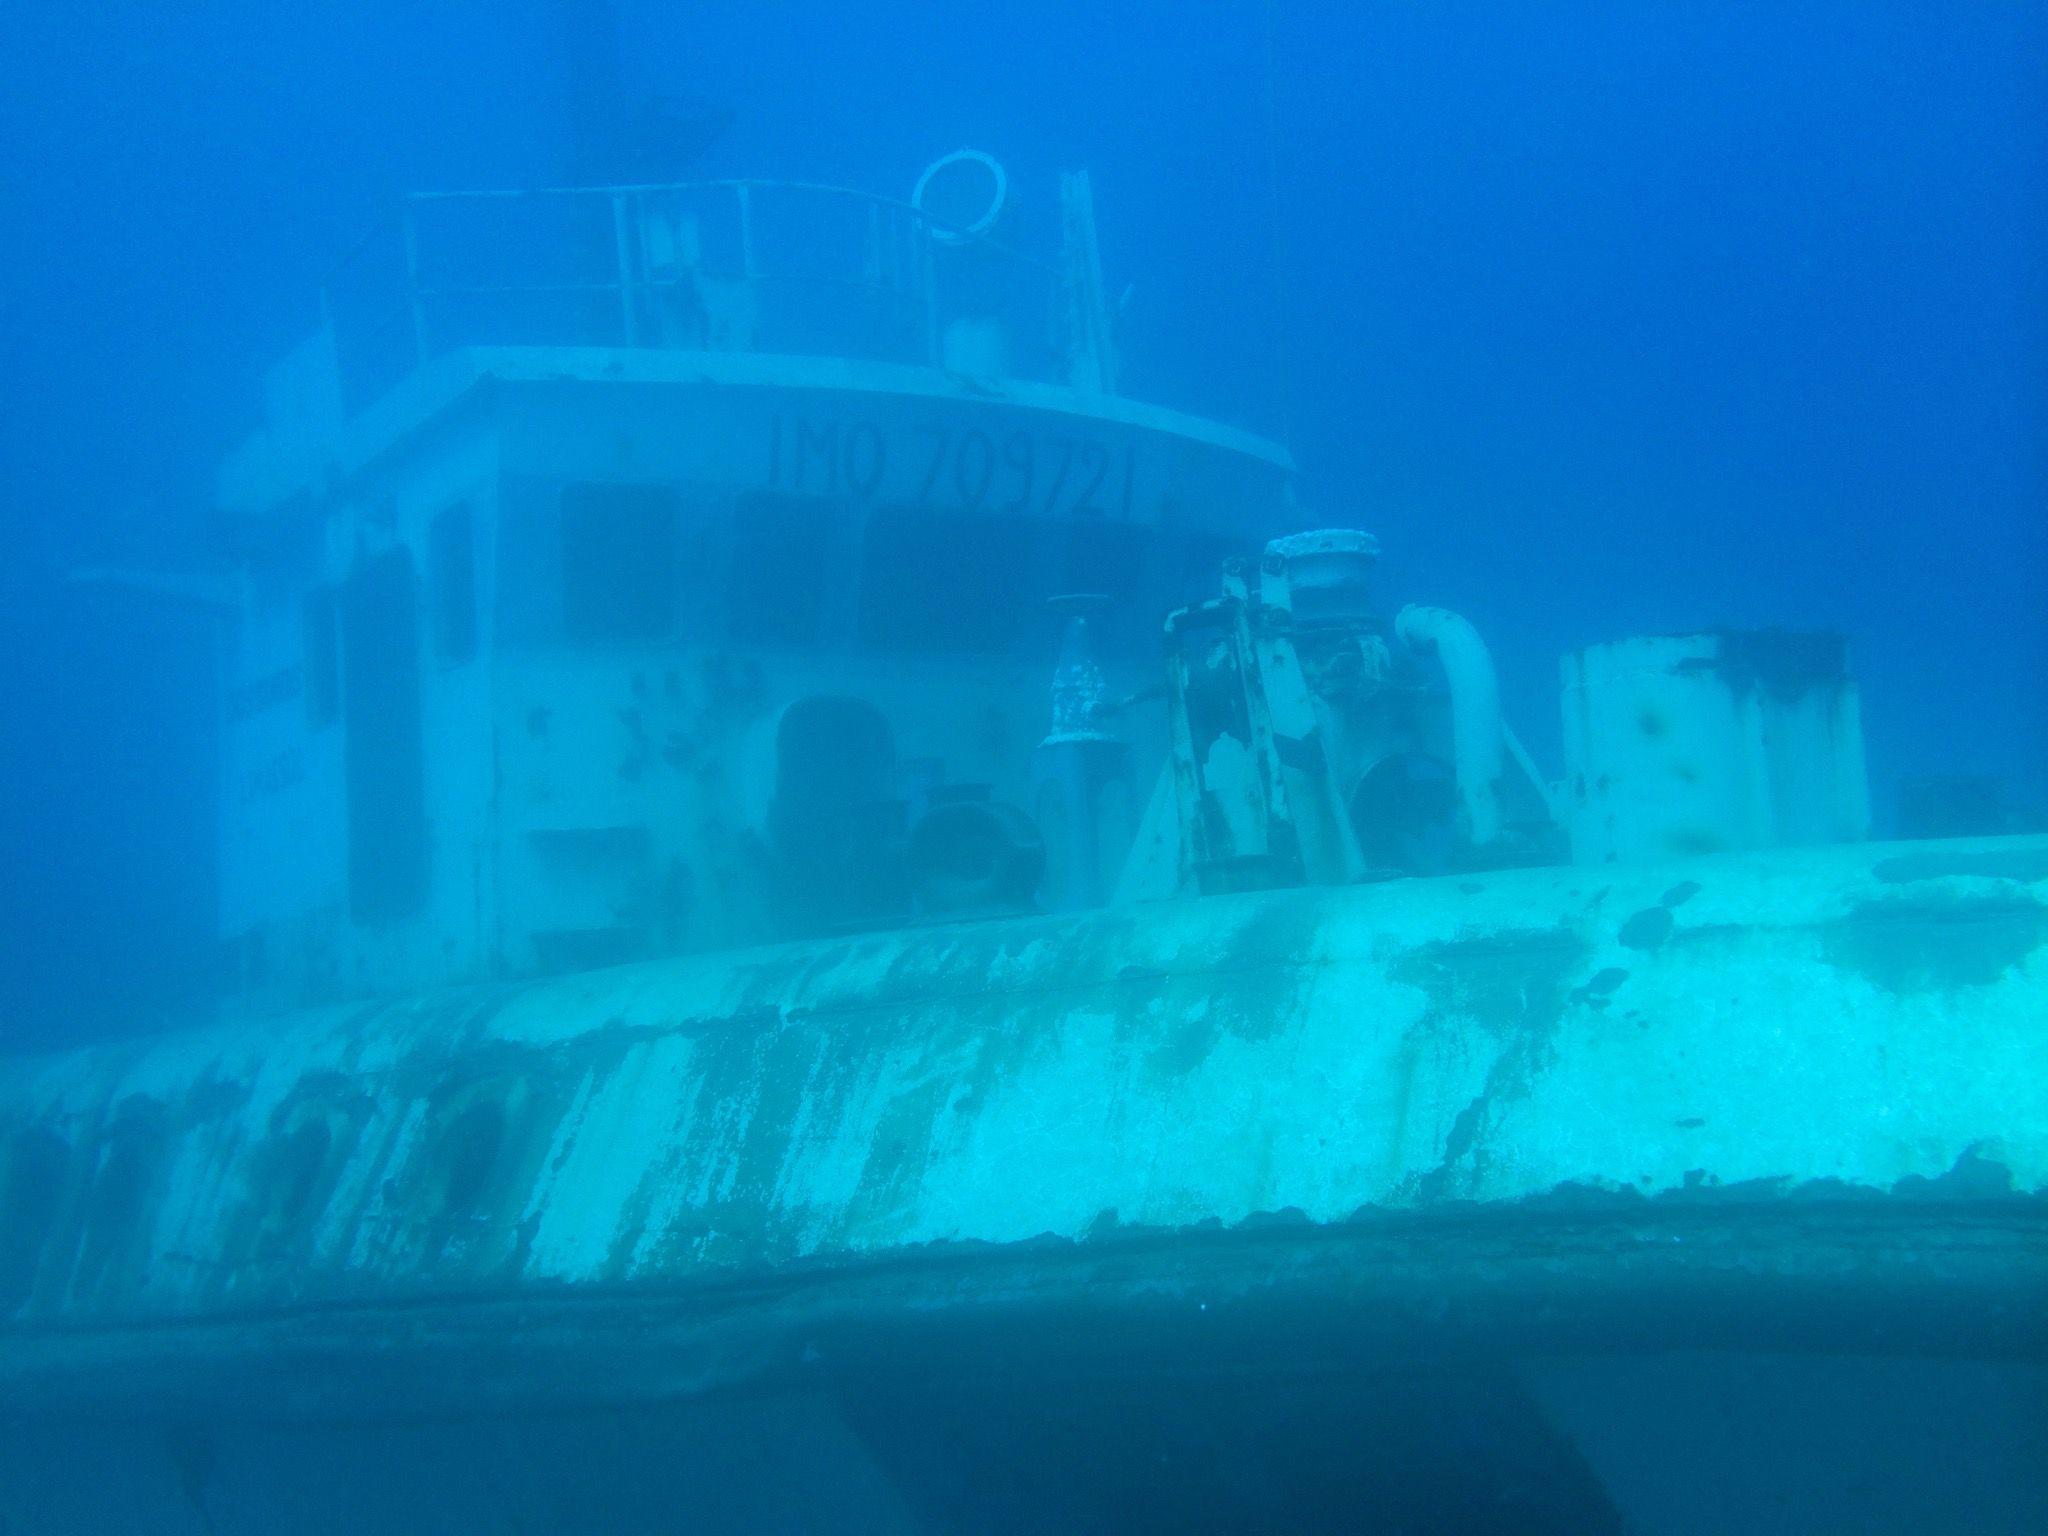 Mit einem Unterwassergehäuse für iPhone oder andere Smartphones lassen sich beim Tauchen spannende Aufnahmen machen! (Die Aufnahme wurde mit einem iPhone gemacht) Foto: Sascha Tegtmeyer